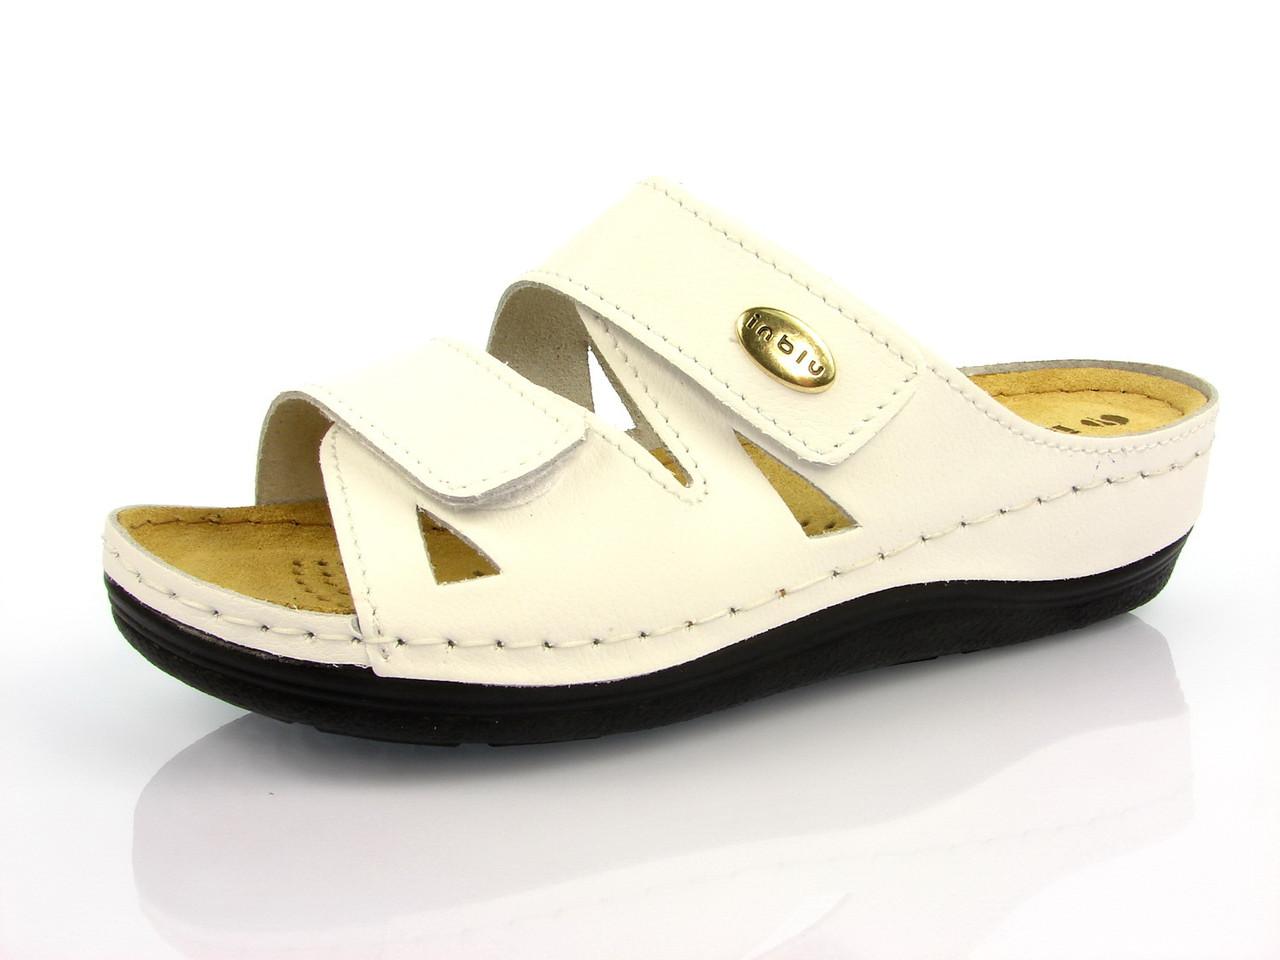 Ортопедическая женская обувь Inblu шлепанцы LF-2 001 - Интернет-магазин